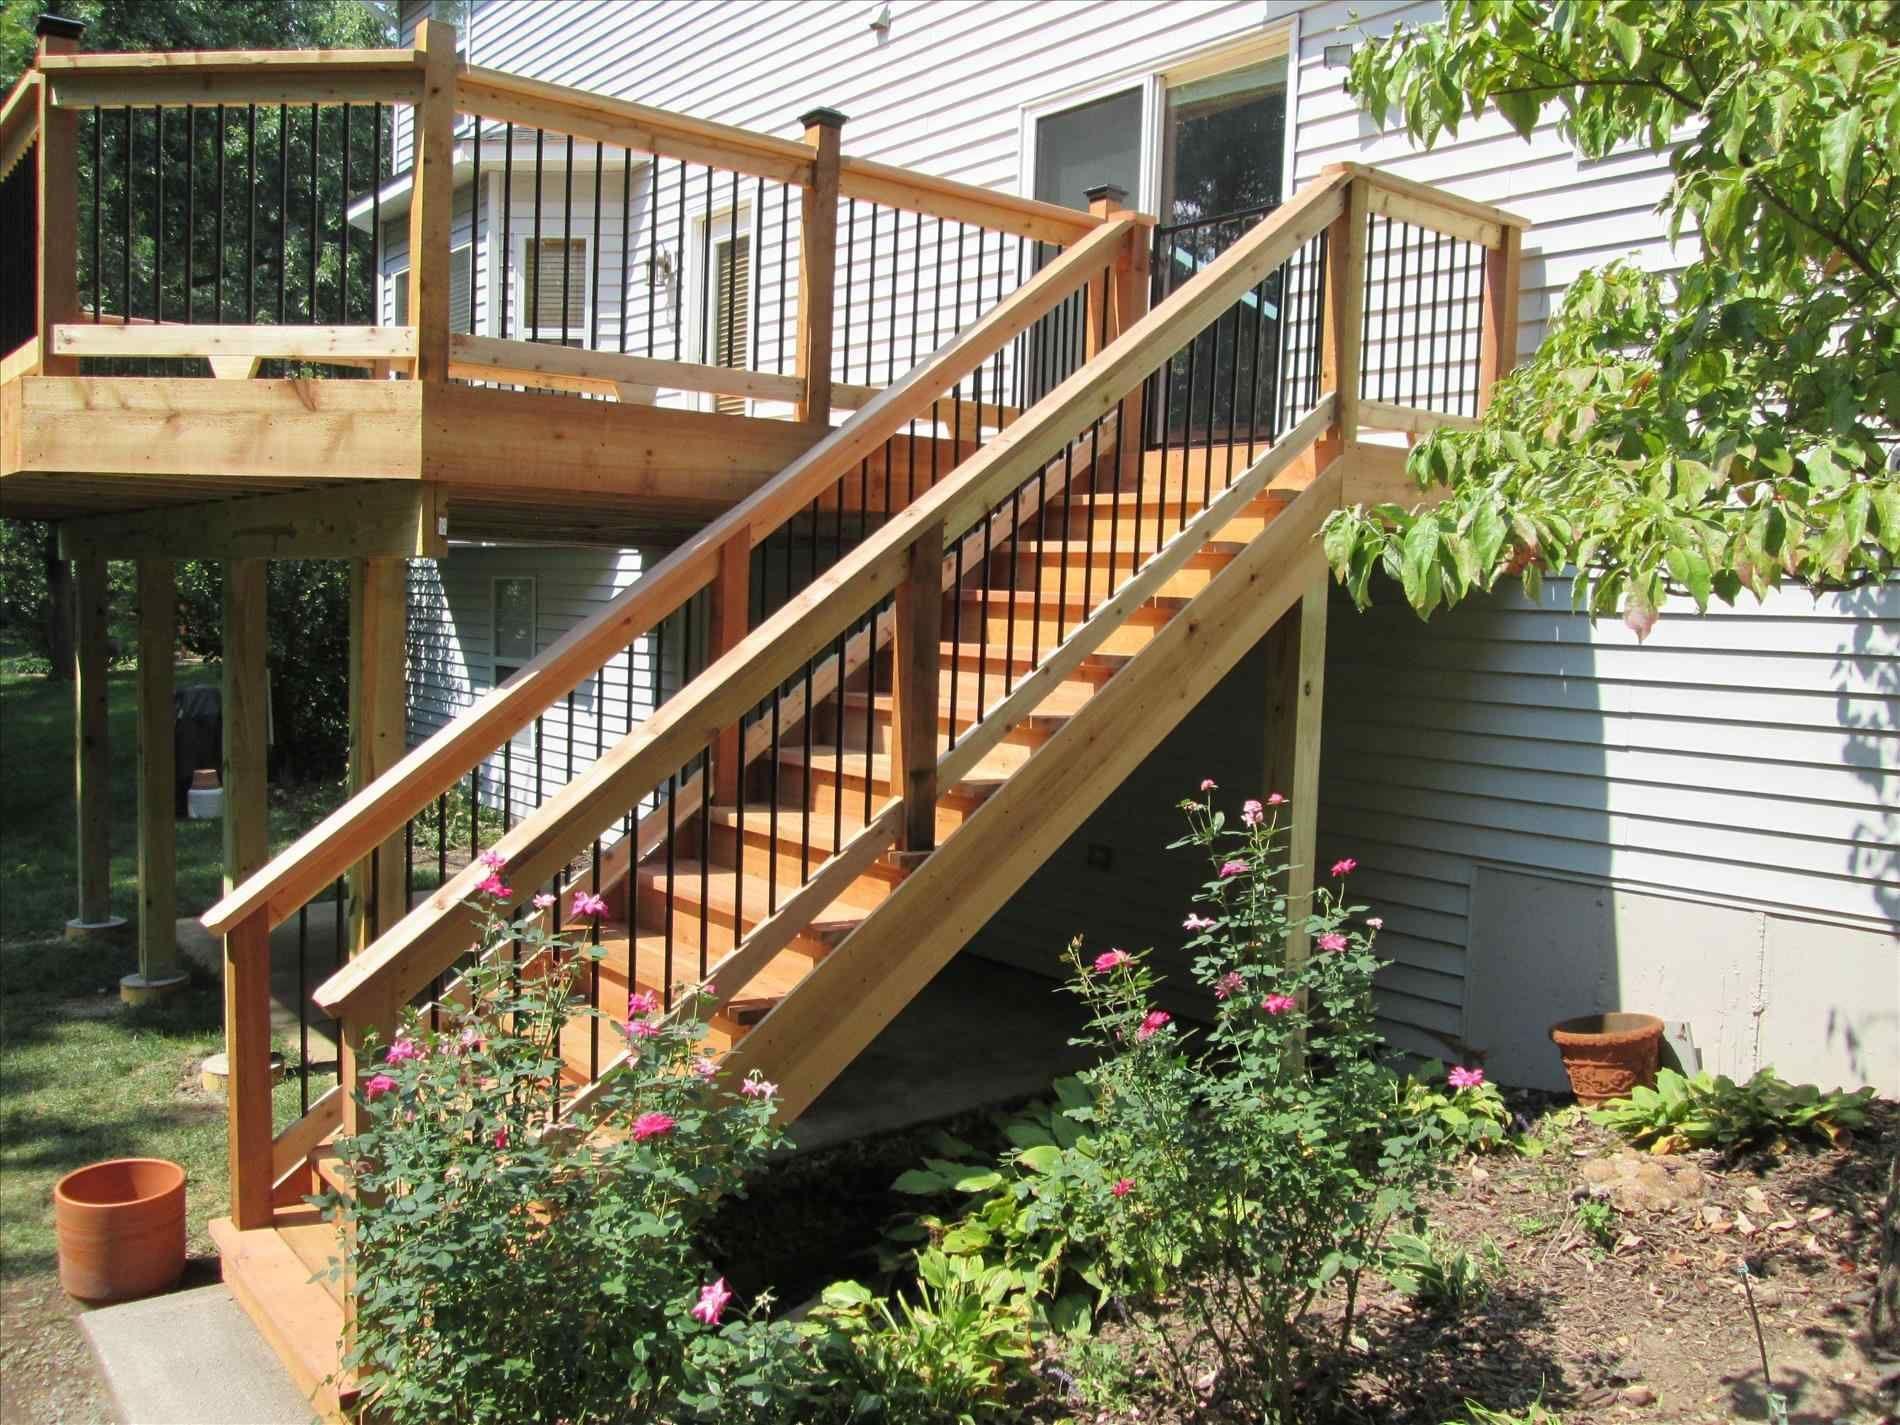 Breathtaking top fabulous stair outside design ideas for inspiration https breakpr also rh pinterest